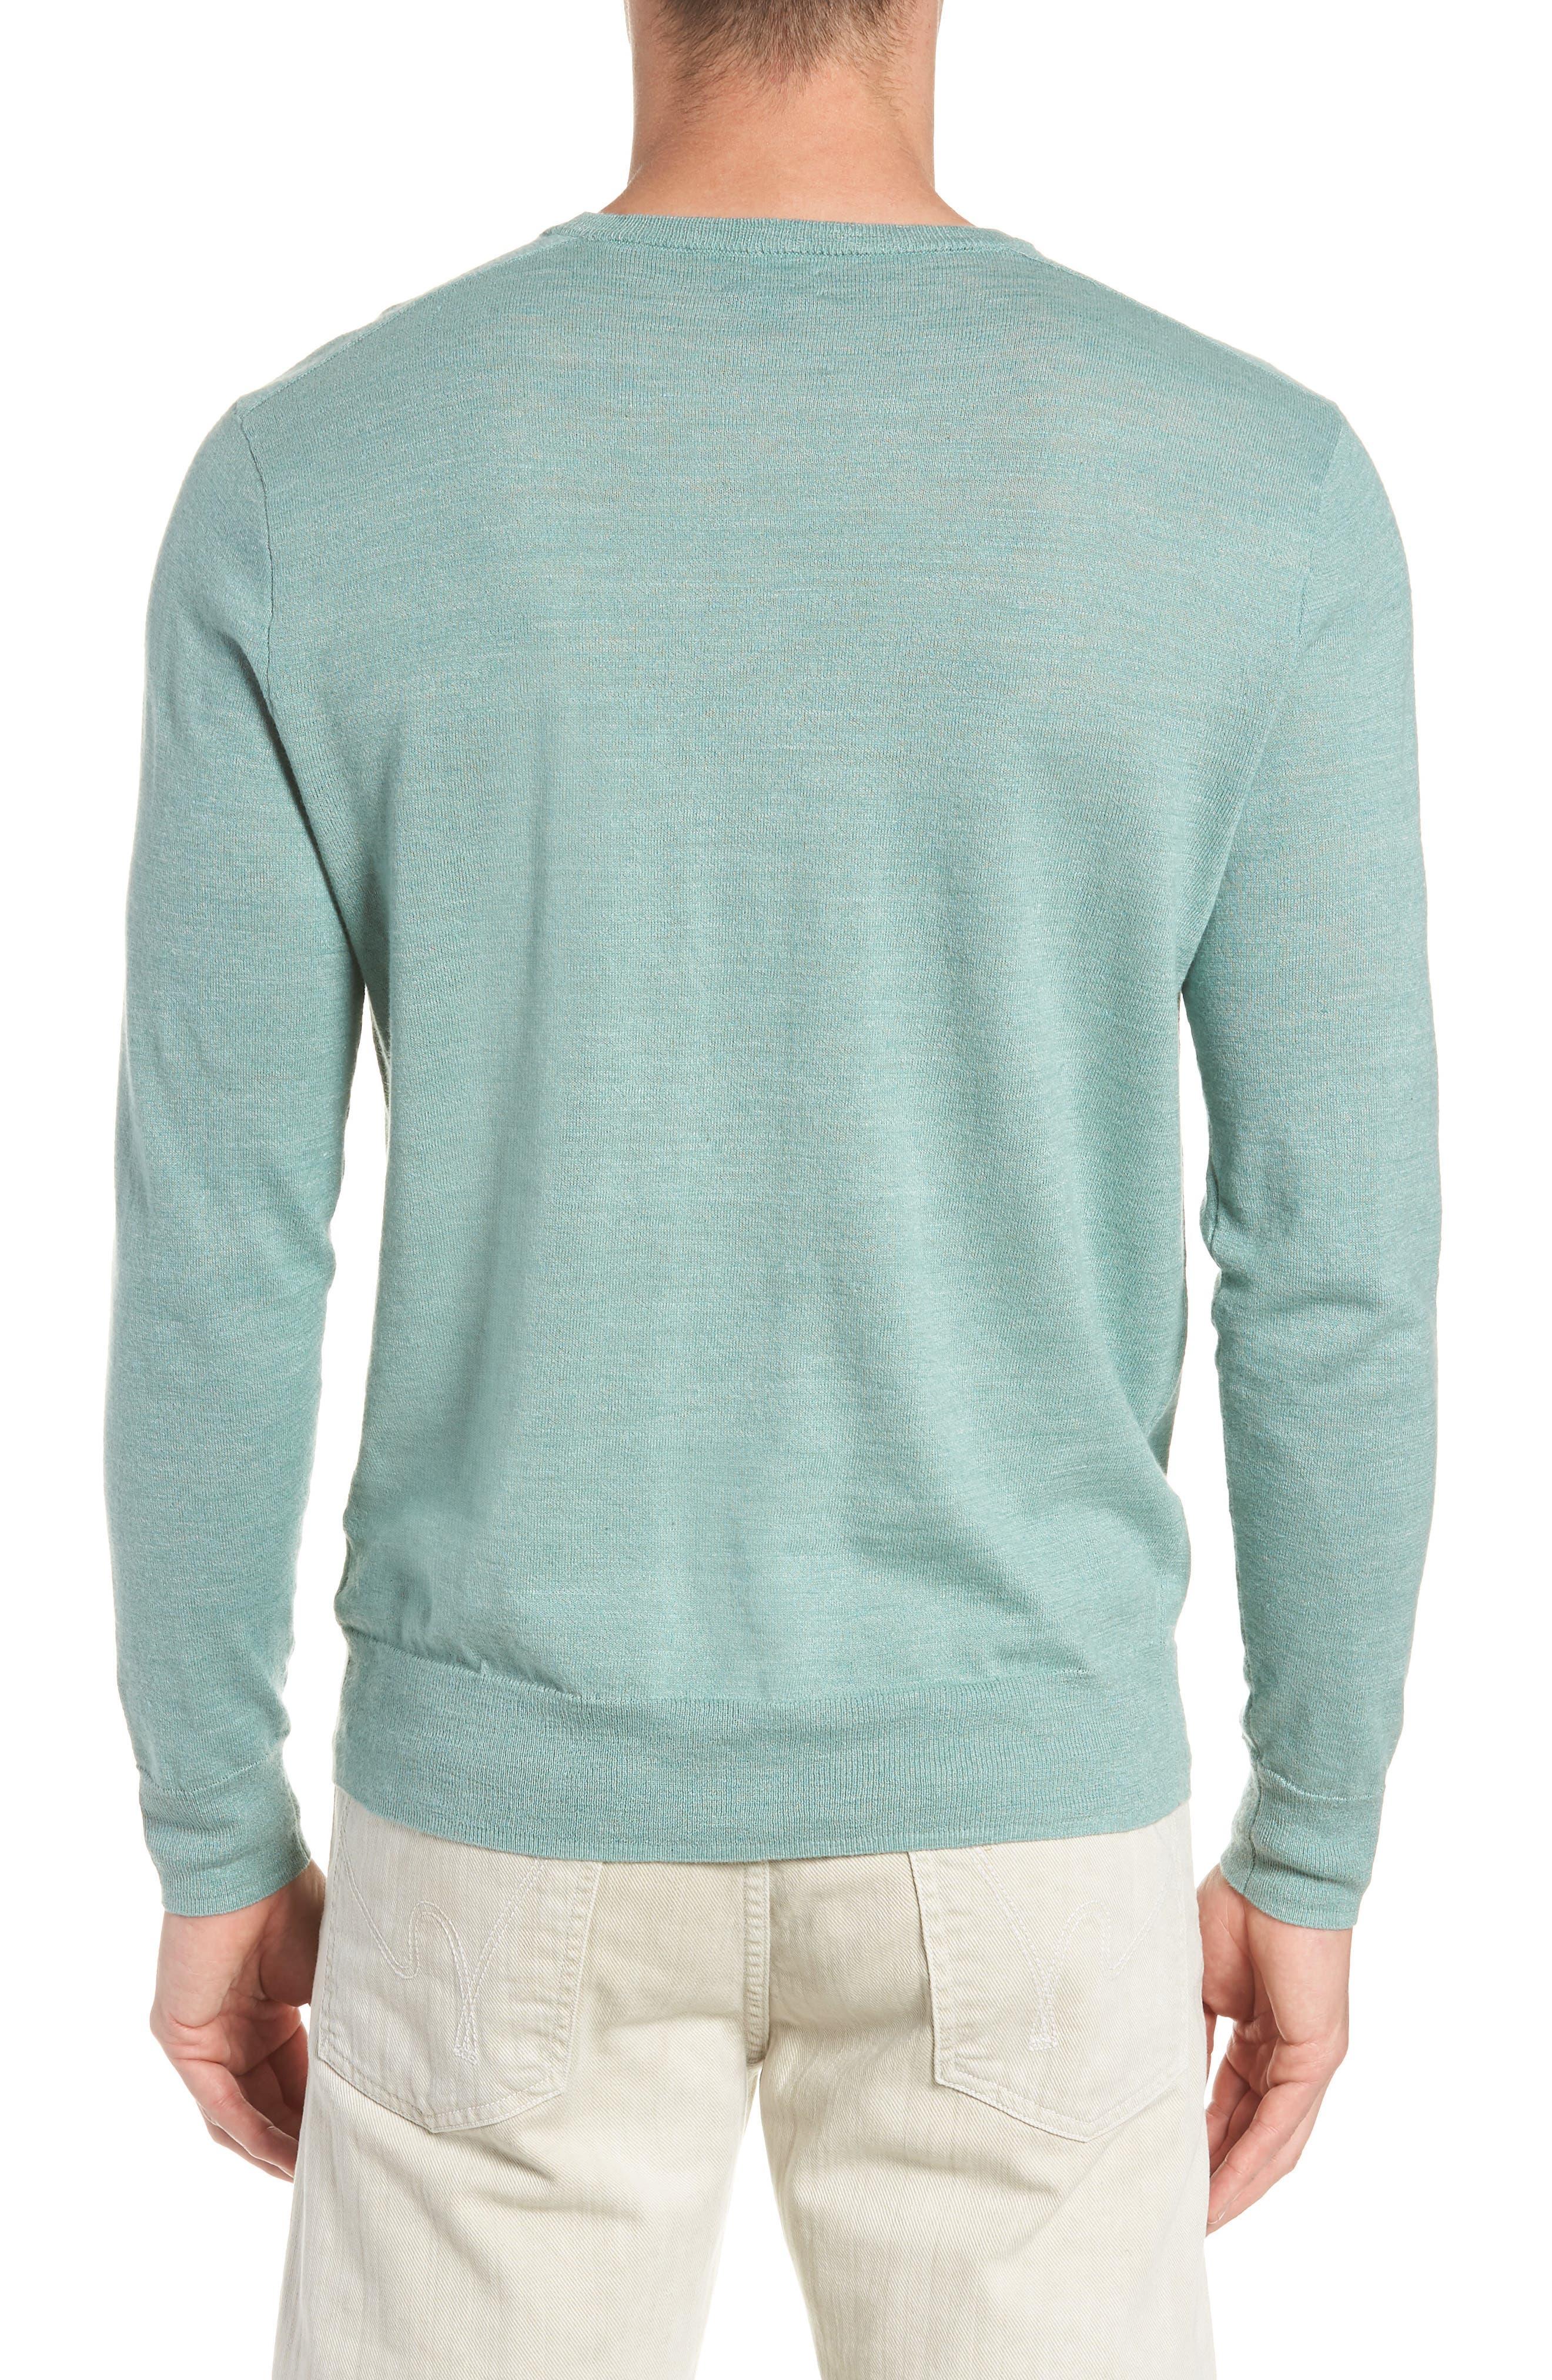 Cotton Blend Crewneck Sweater,                             Alternate thumbnail 6, color,